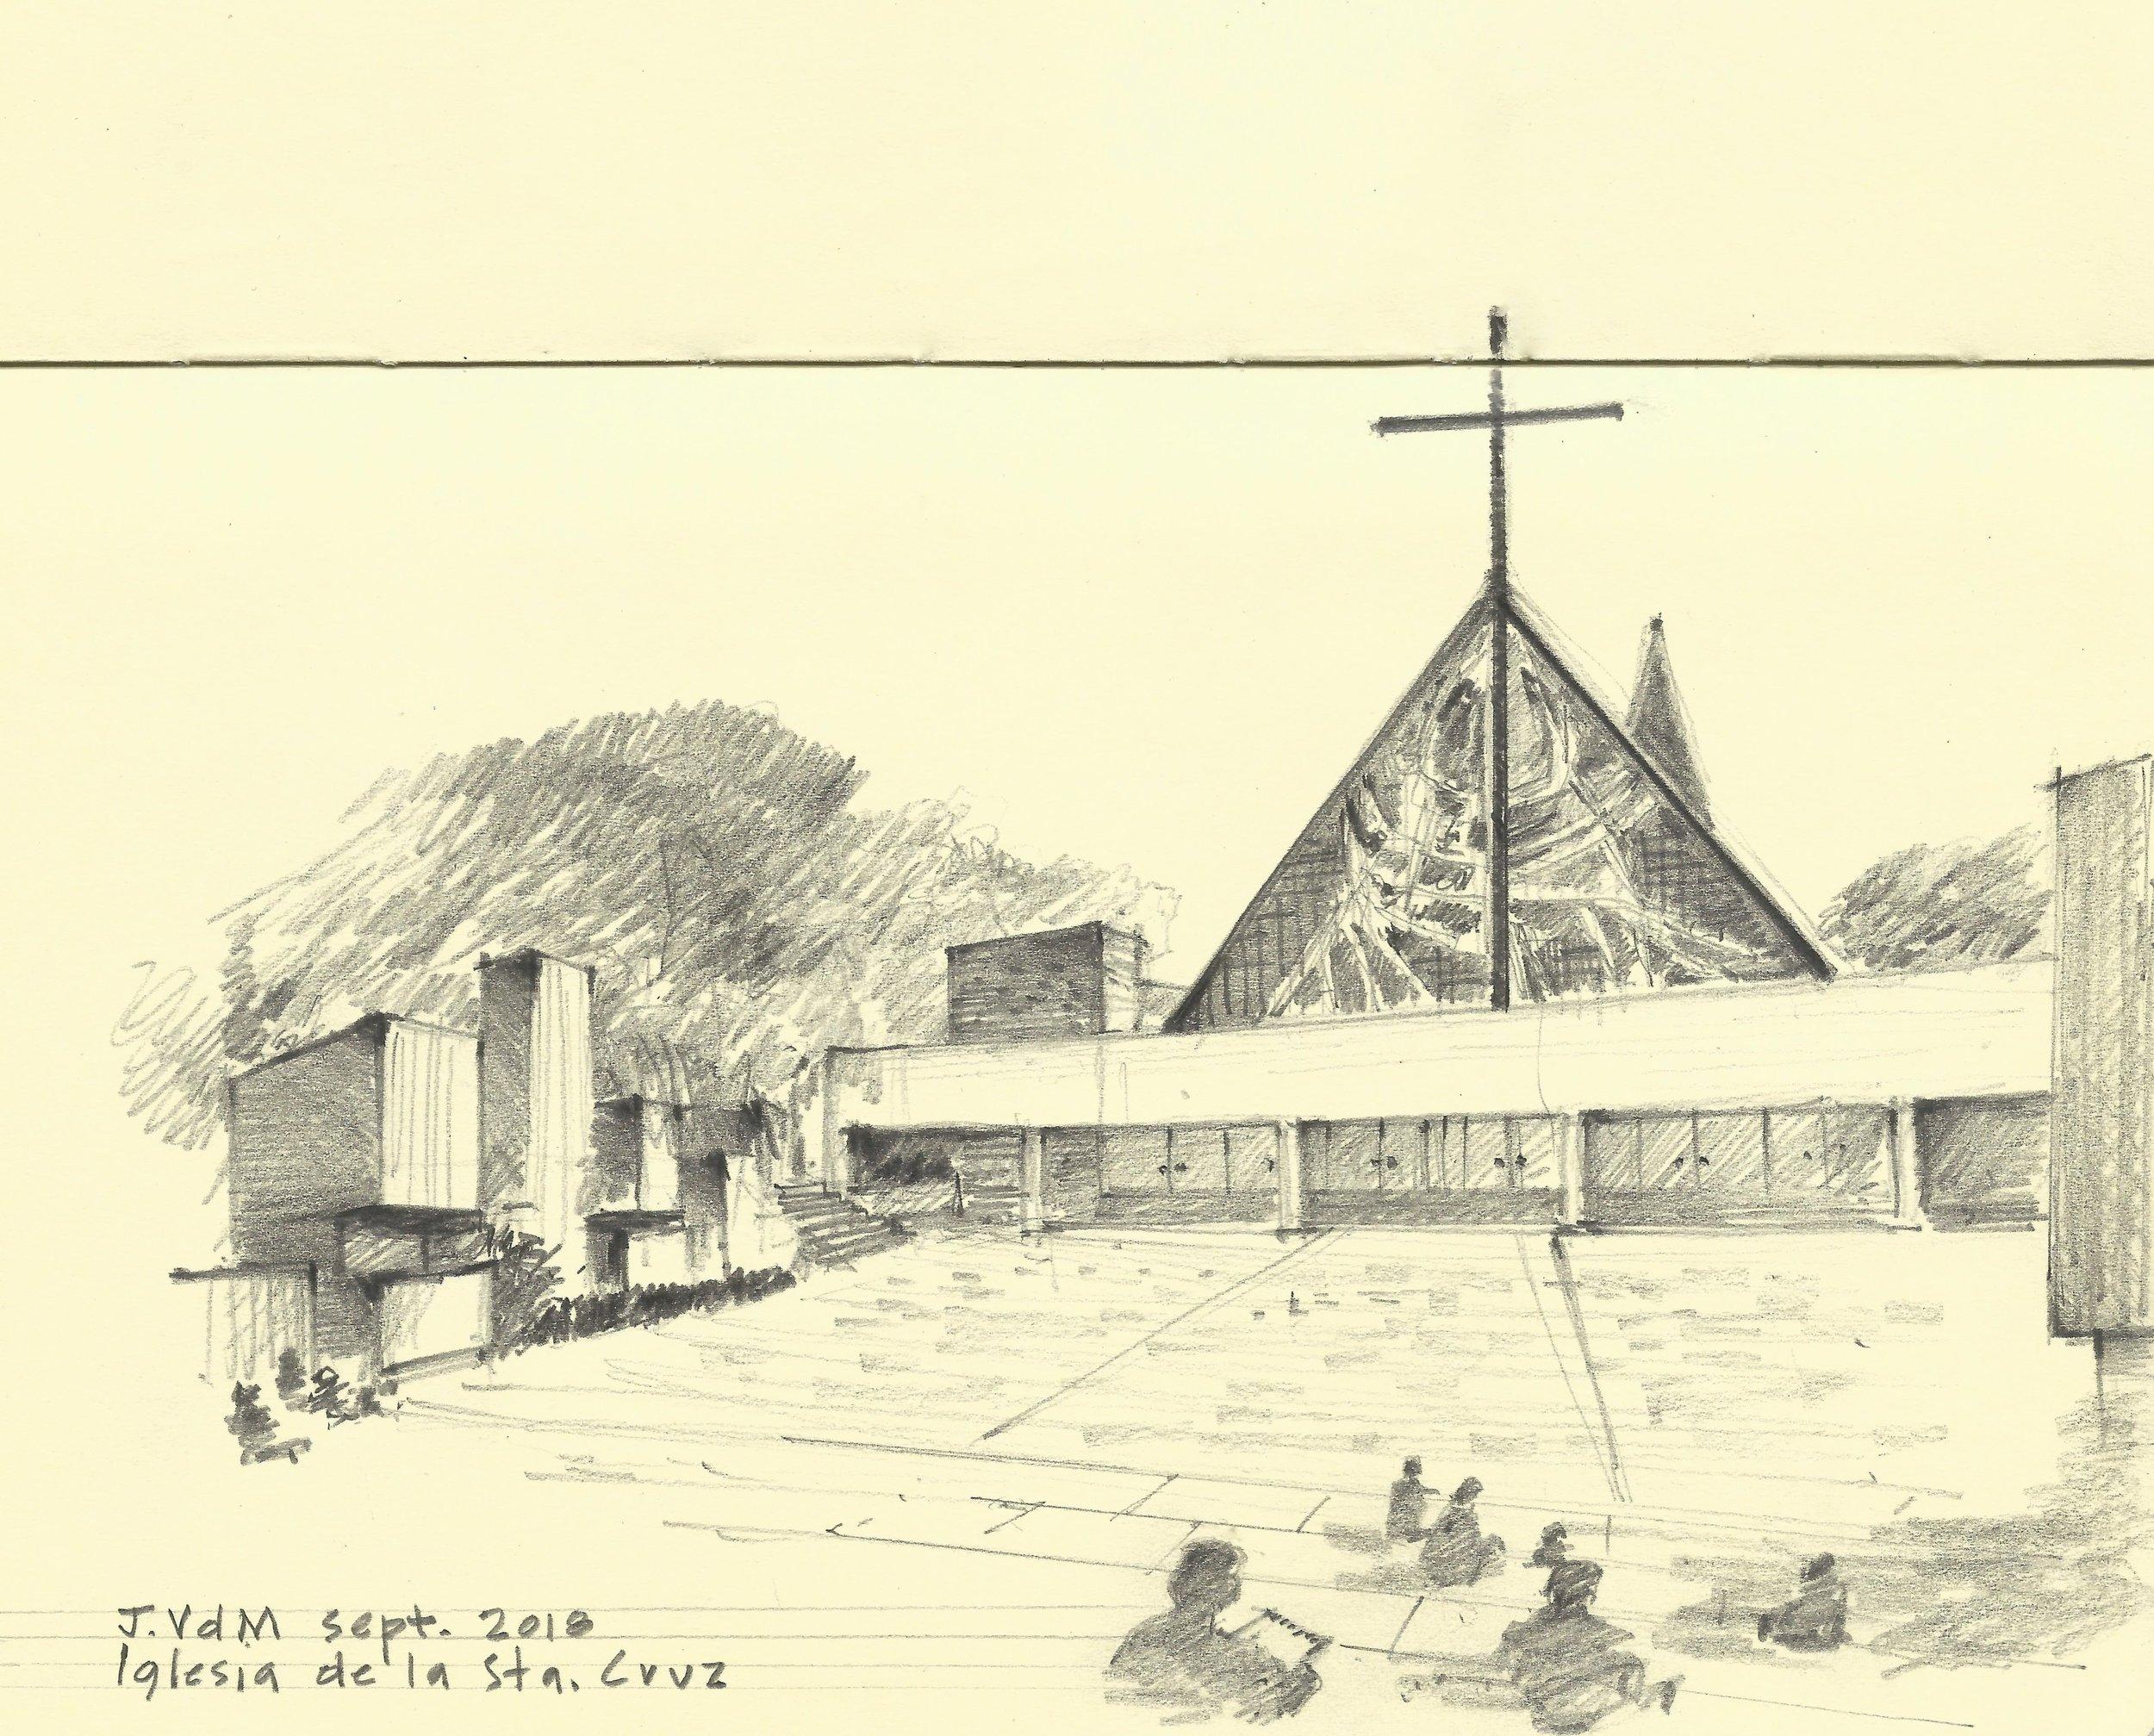 Iglesia de la Santa Cruz 02 sep18.jpg